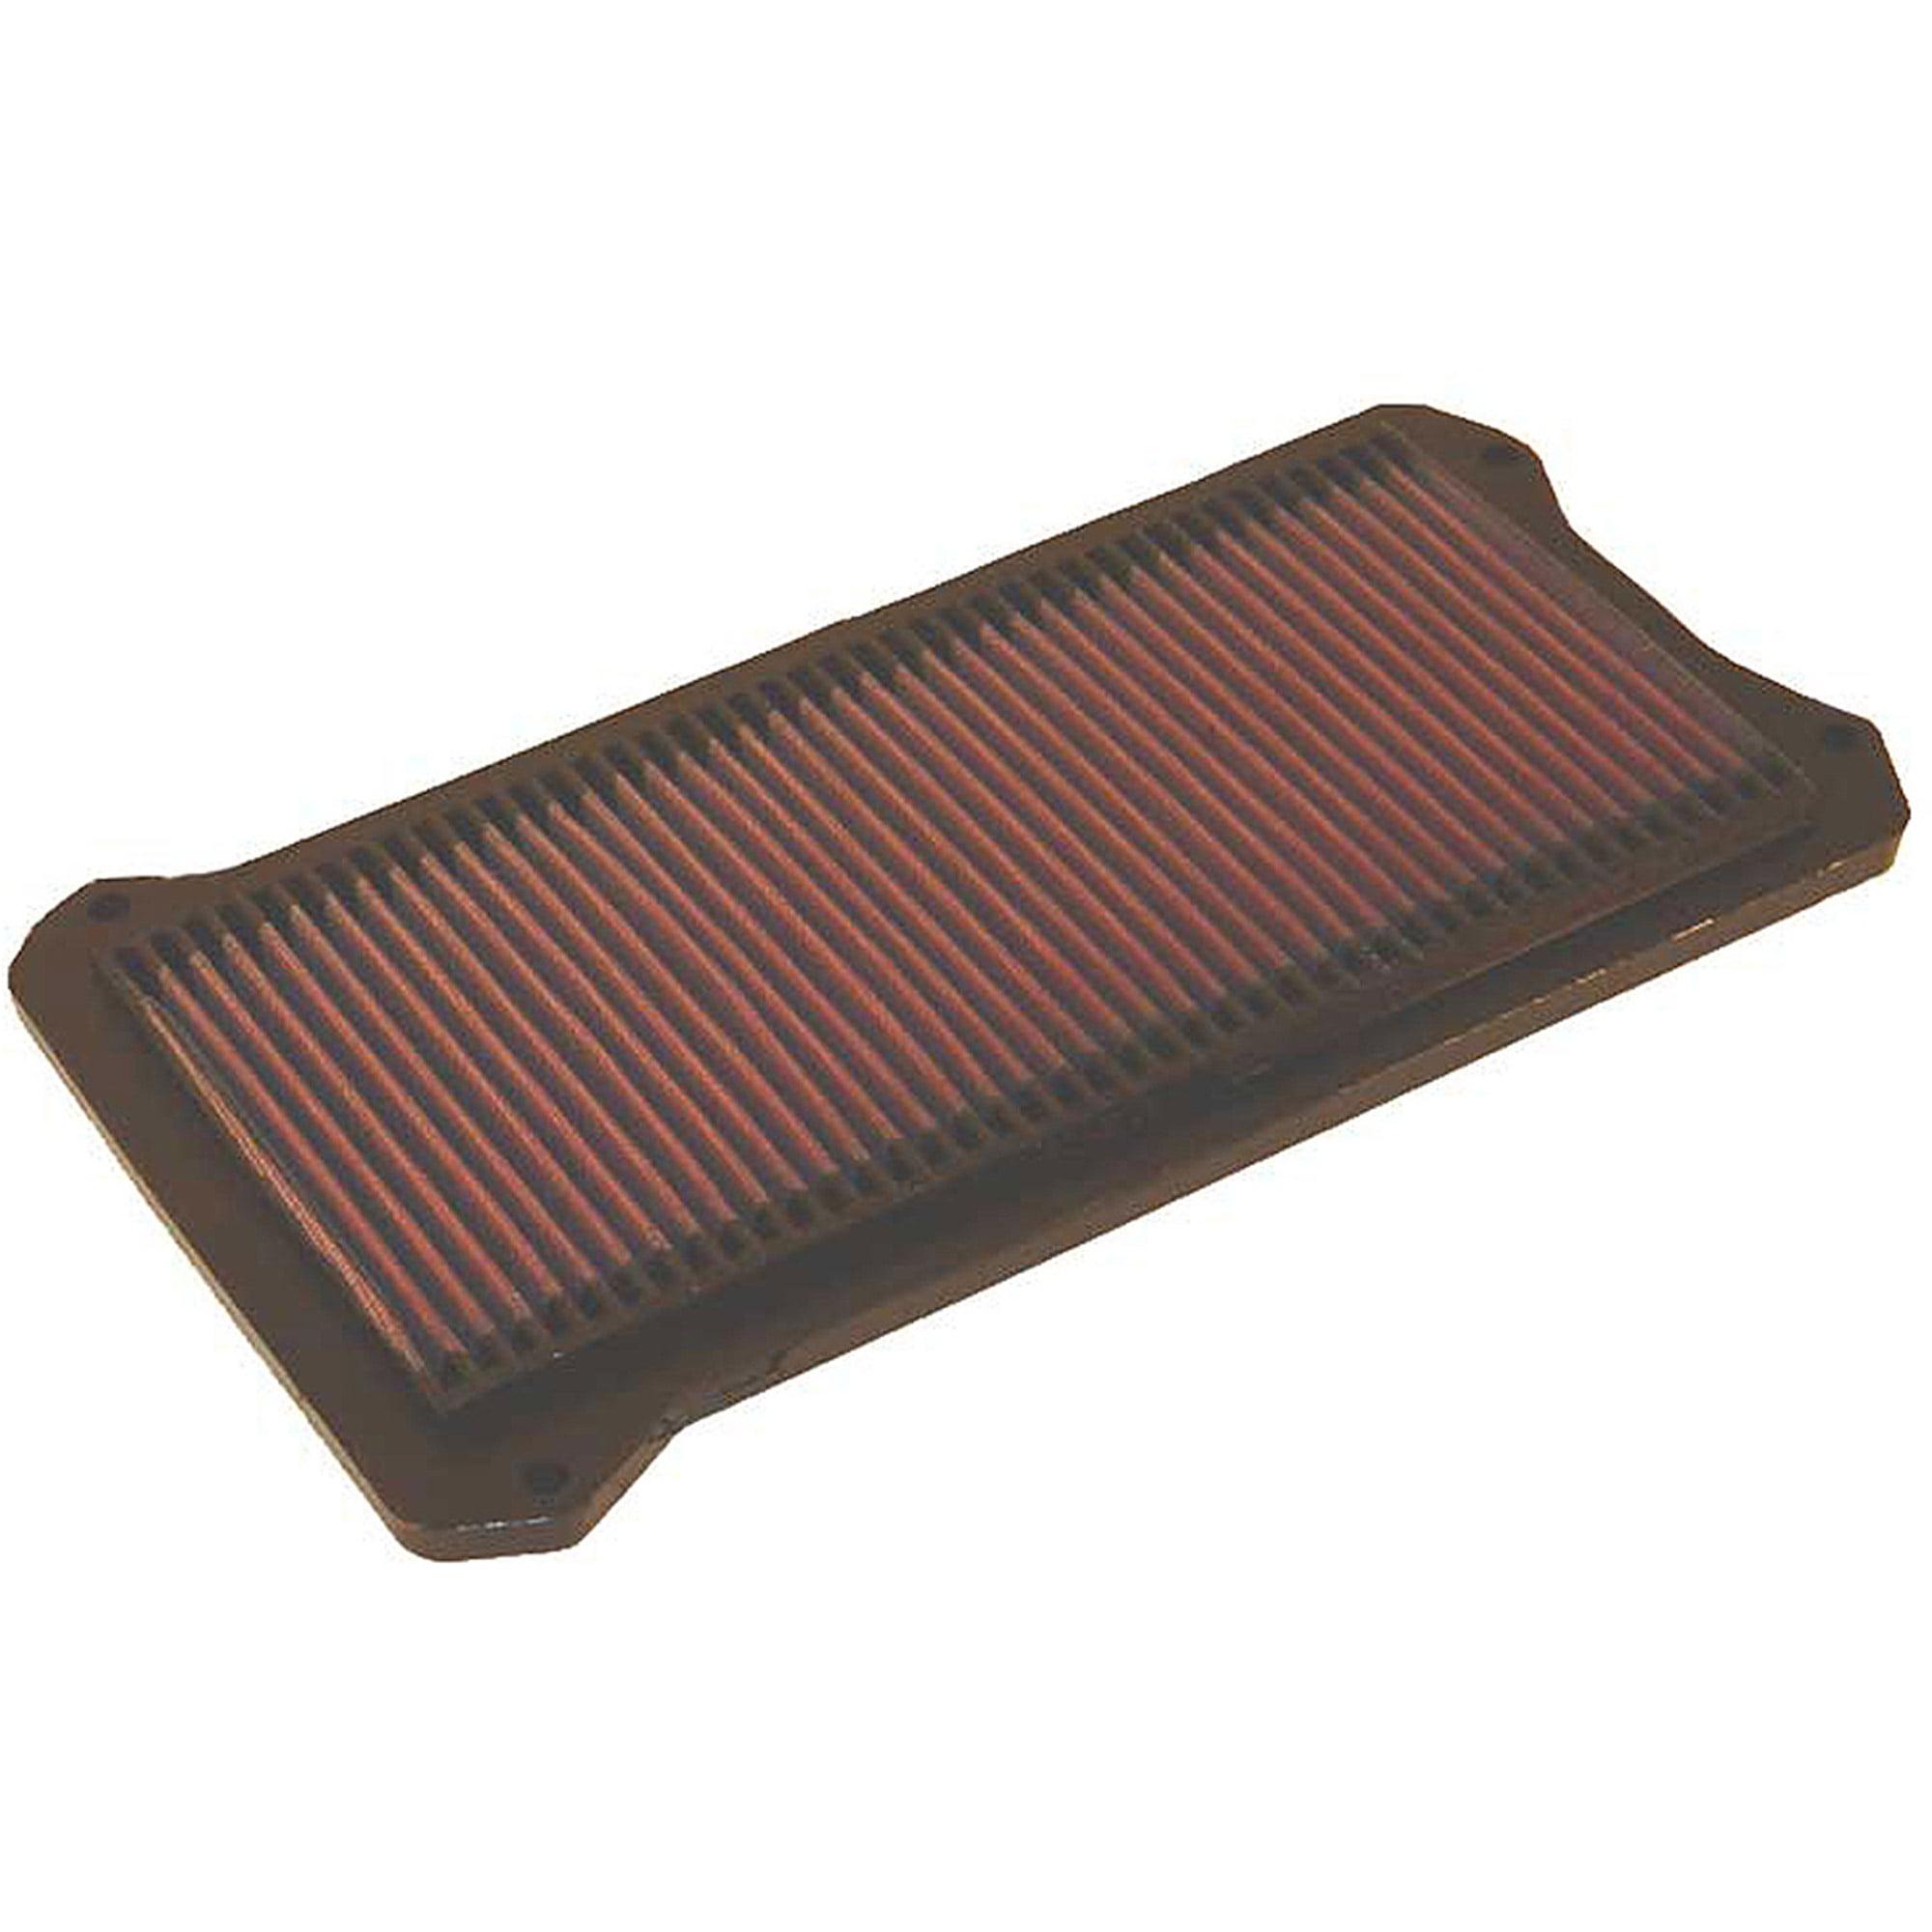 K&N Replacement Air Filter # 33-2100